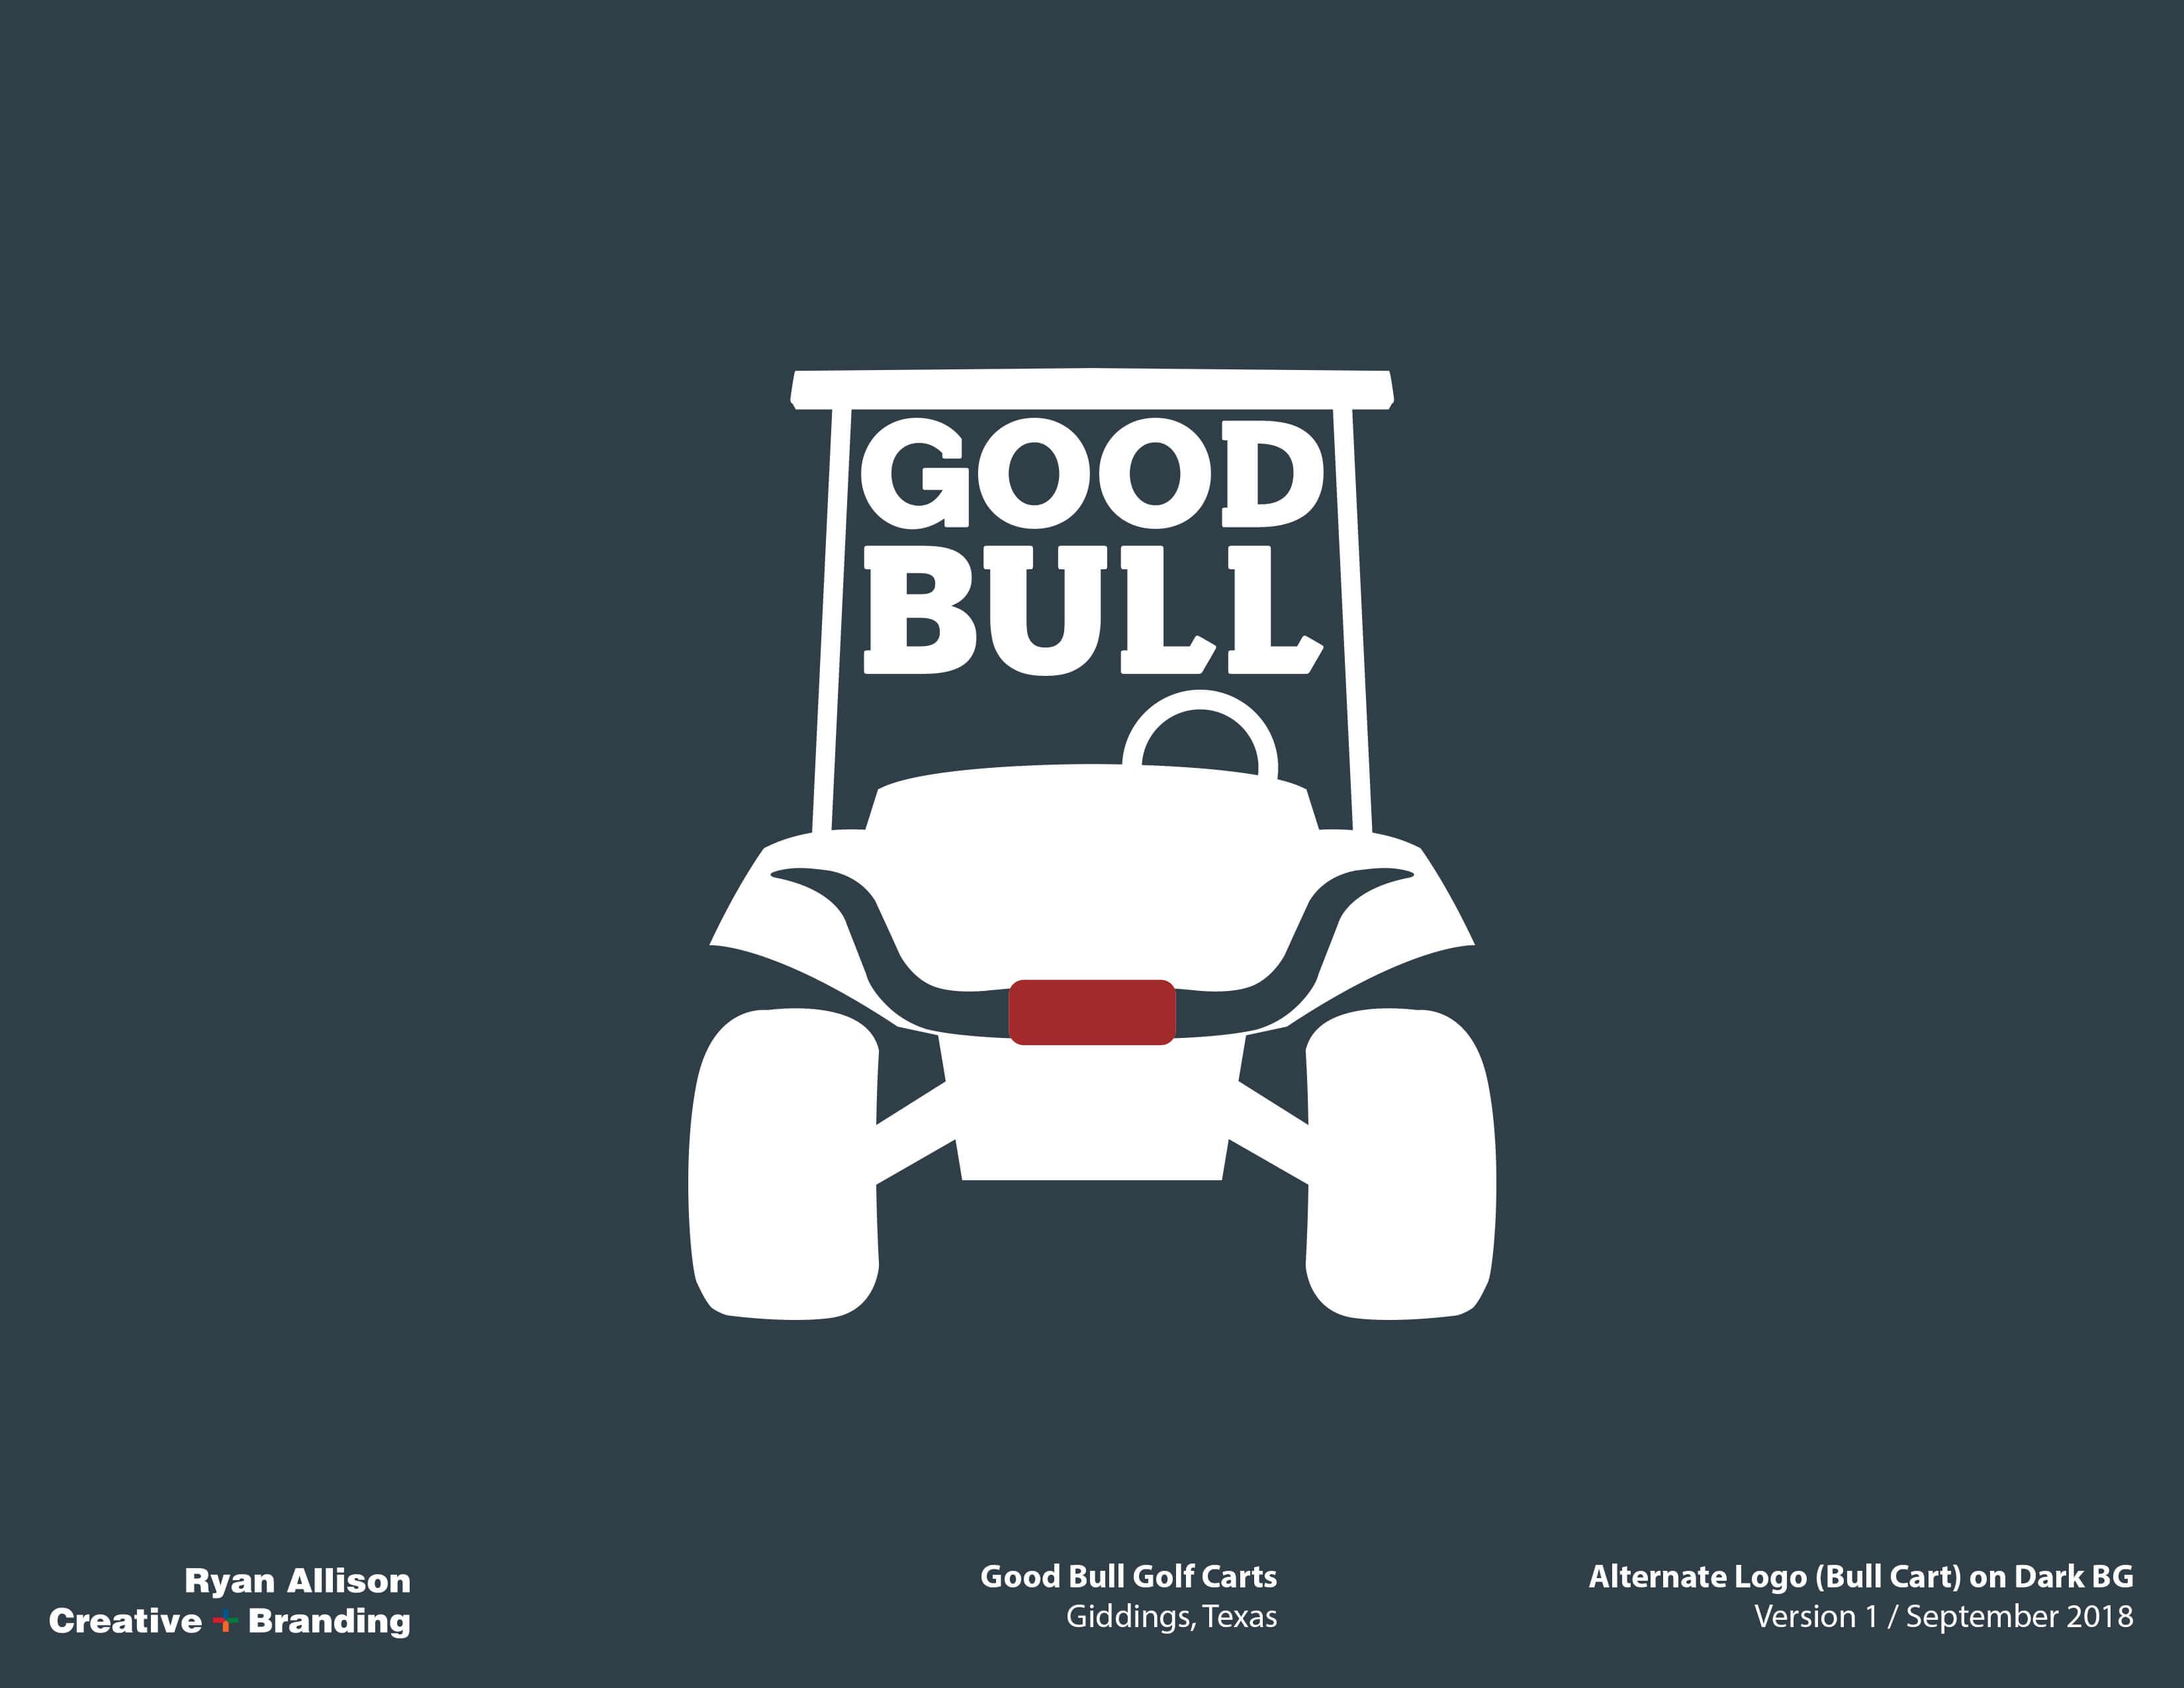 Good Bull Golf Carts Alternate Logo Bull Cart On Dark Bg Logo Ryan Allison Creative Branding Ryan Allison Creative Branding